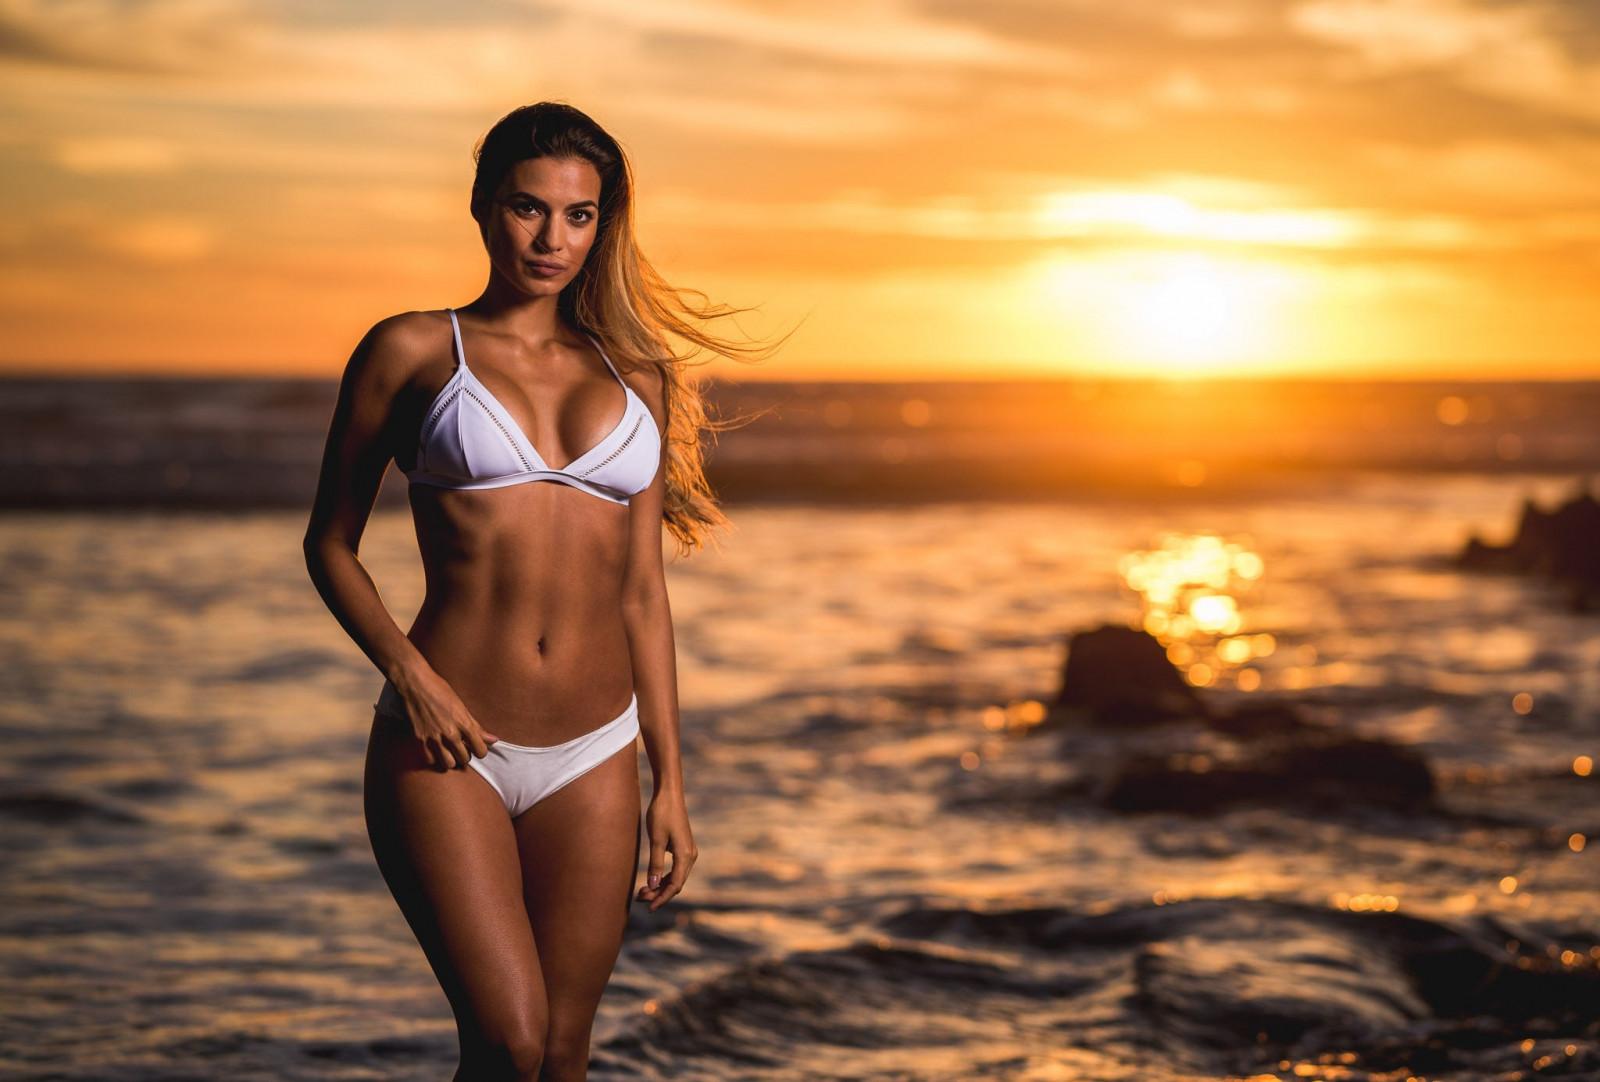 Смотреть фото женщины в купальниках на море, Девушки в прозрачных купальниках на пляже 6 фотография